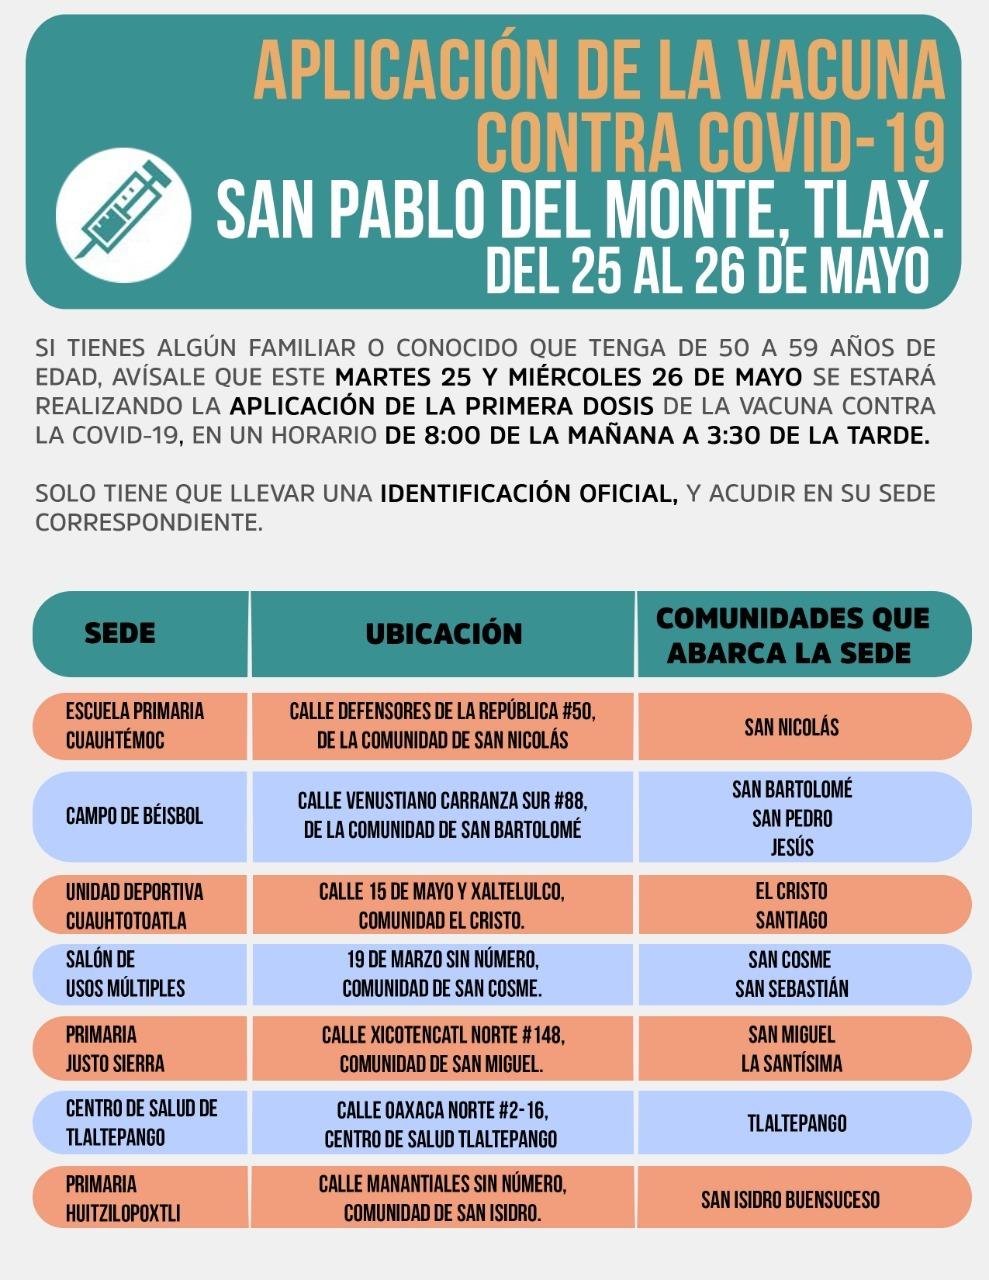 Llega a San Pablo del Monte la vacuna contra el Covid para la población 50-59